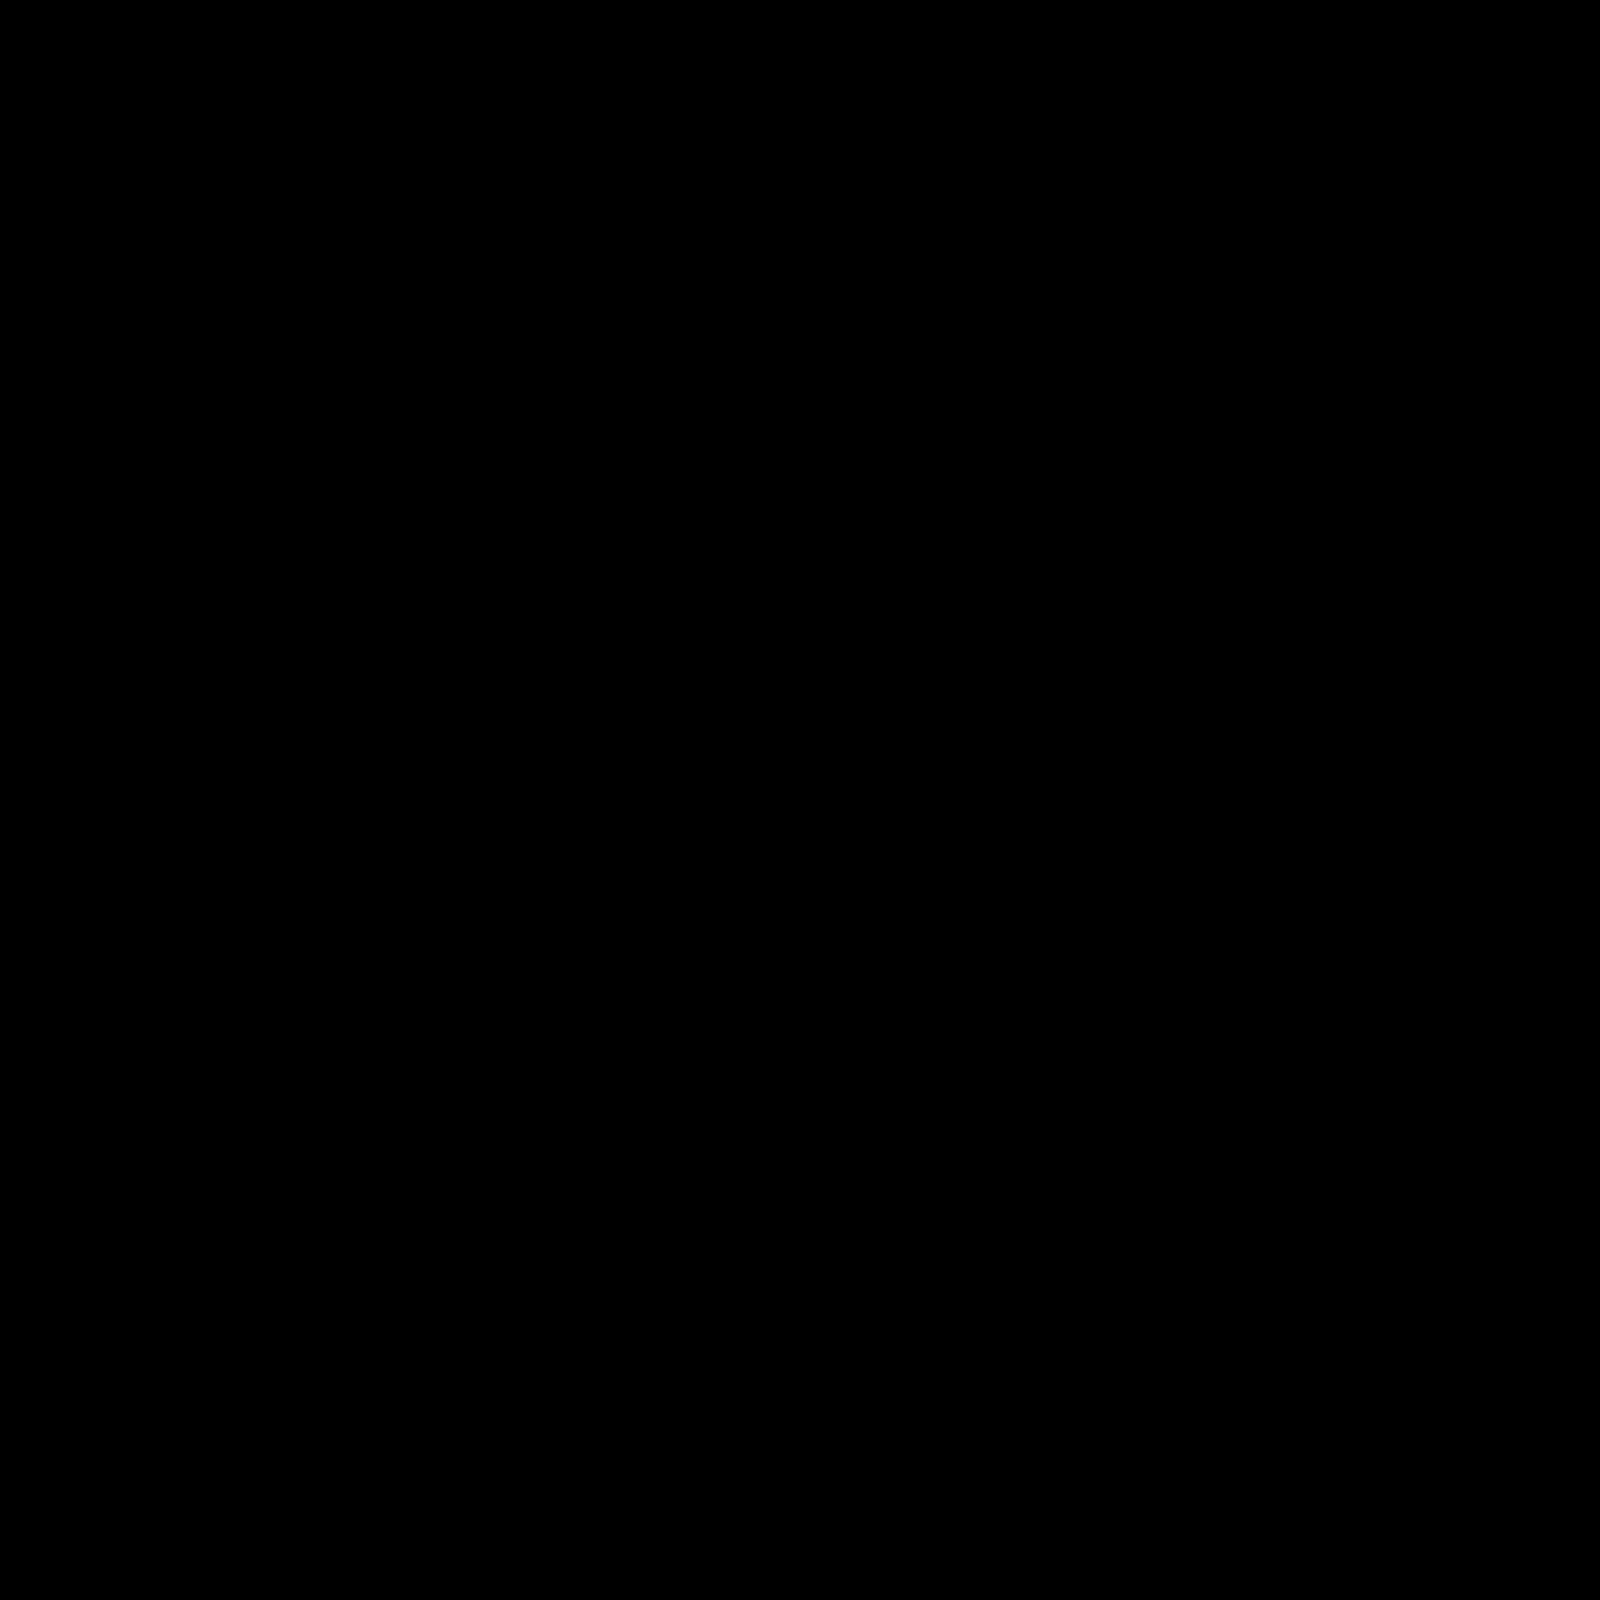 画像 icon